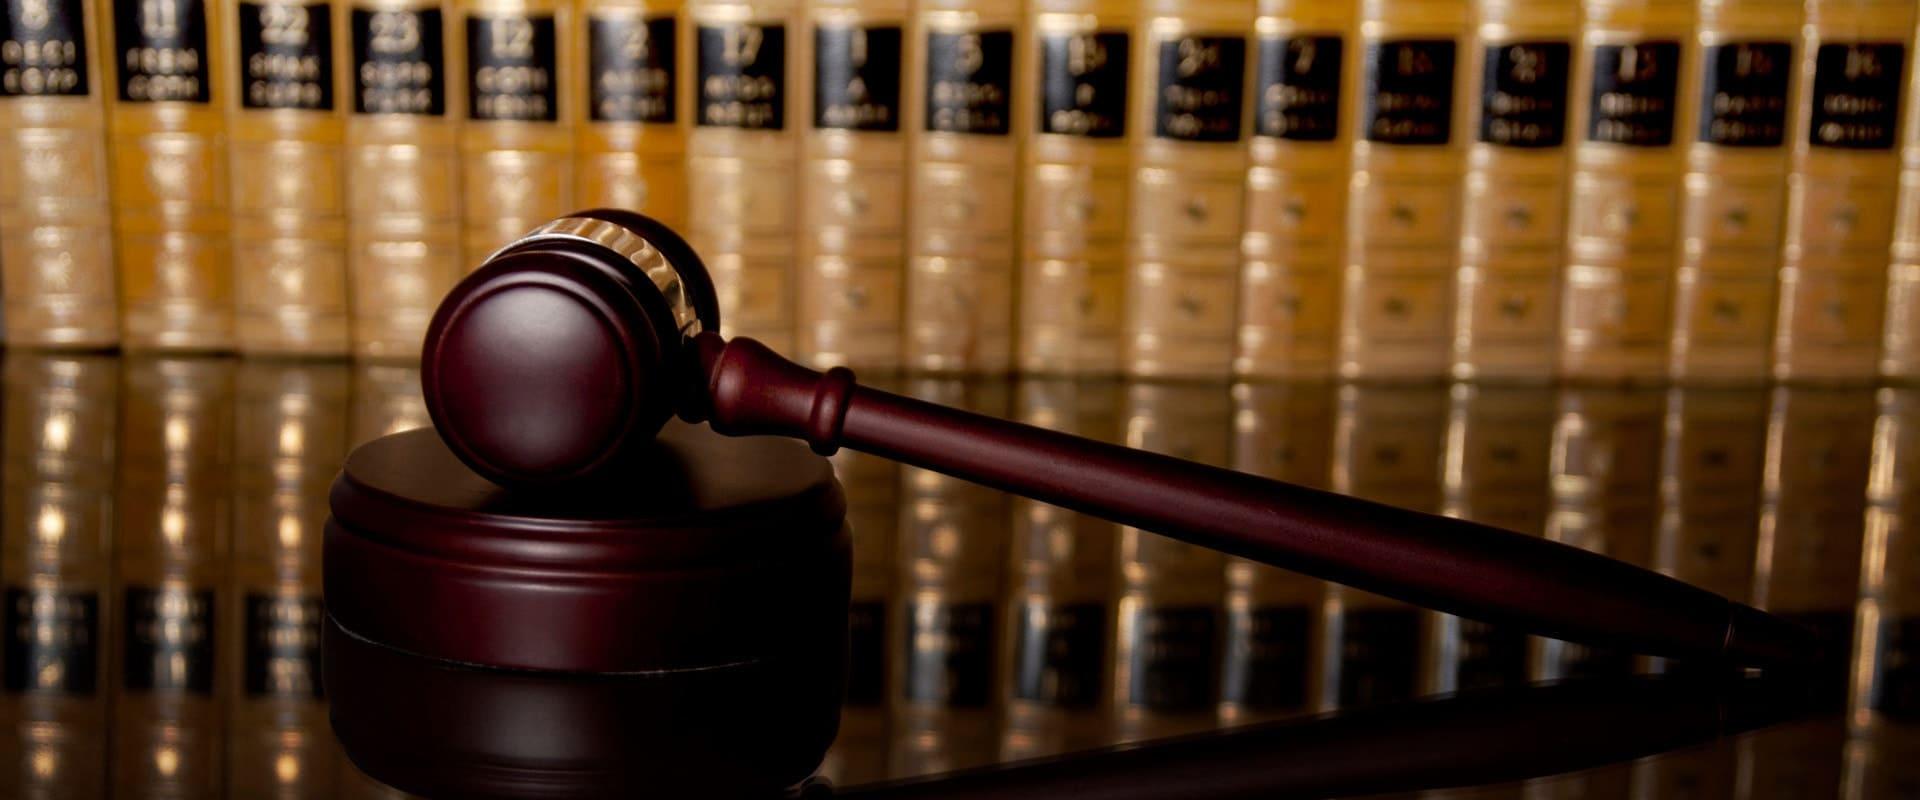 Представительство в суде по гражданским делам